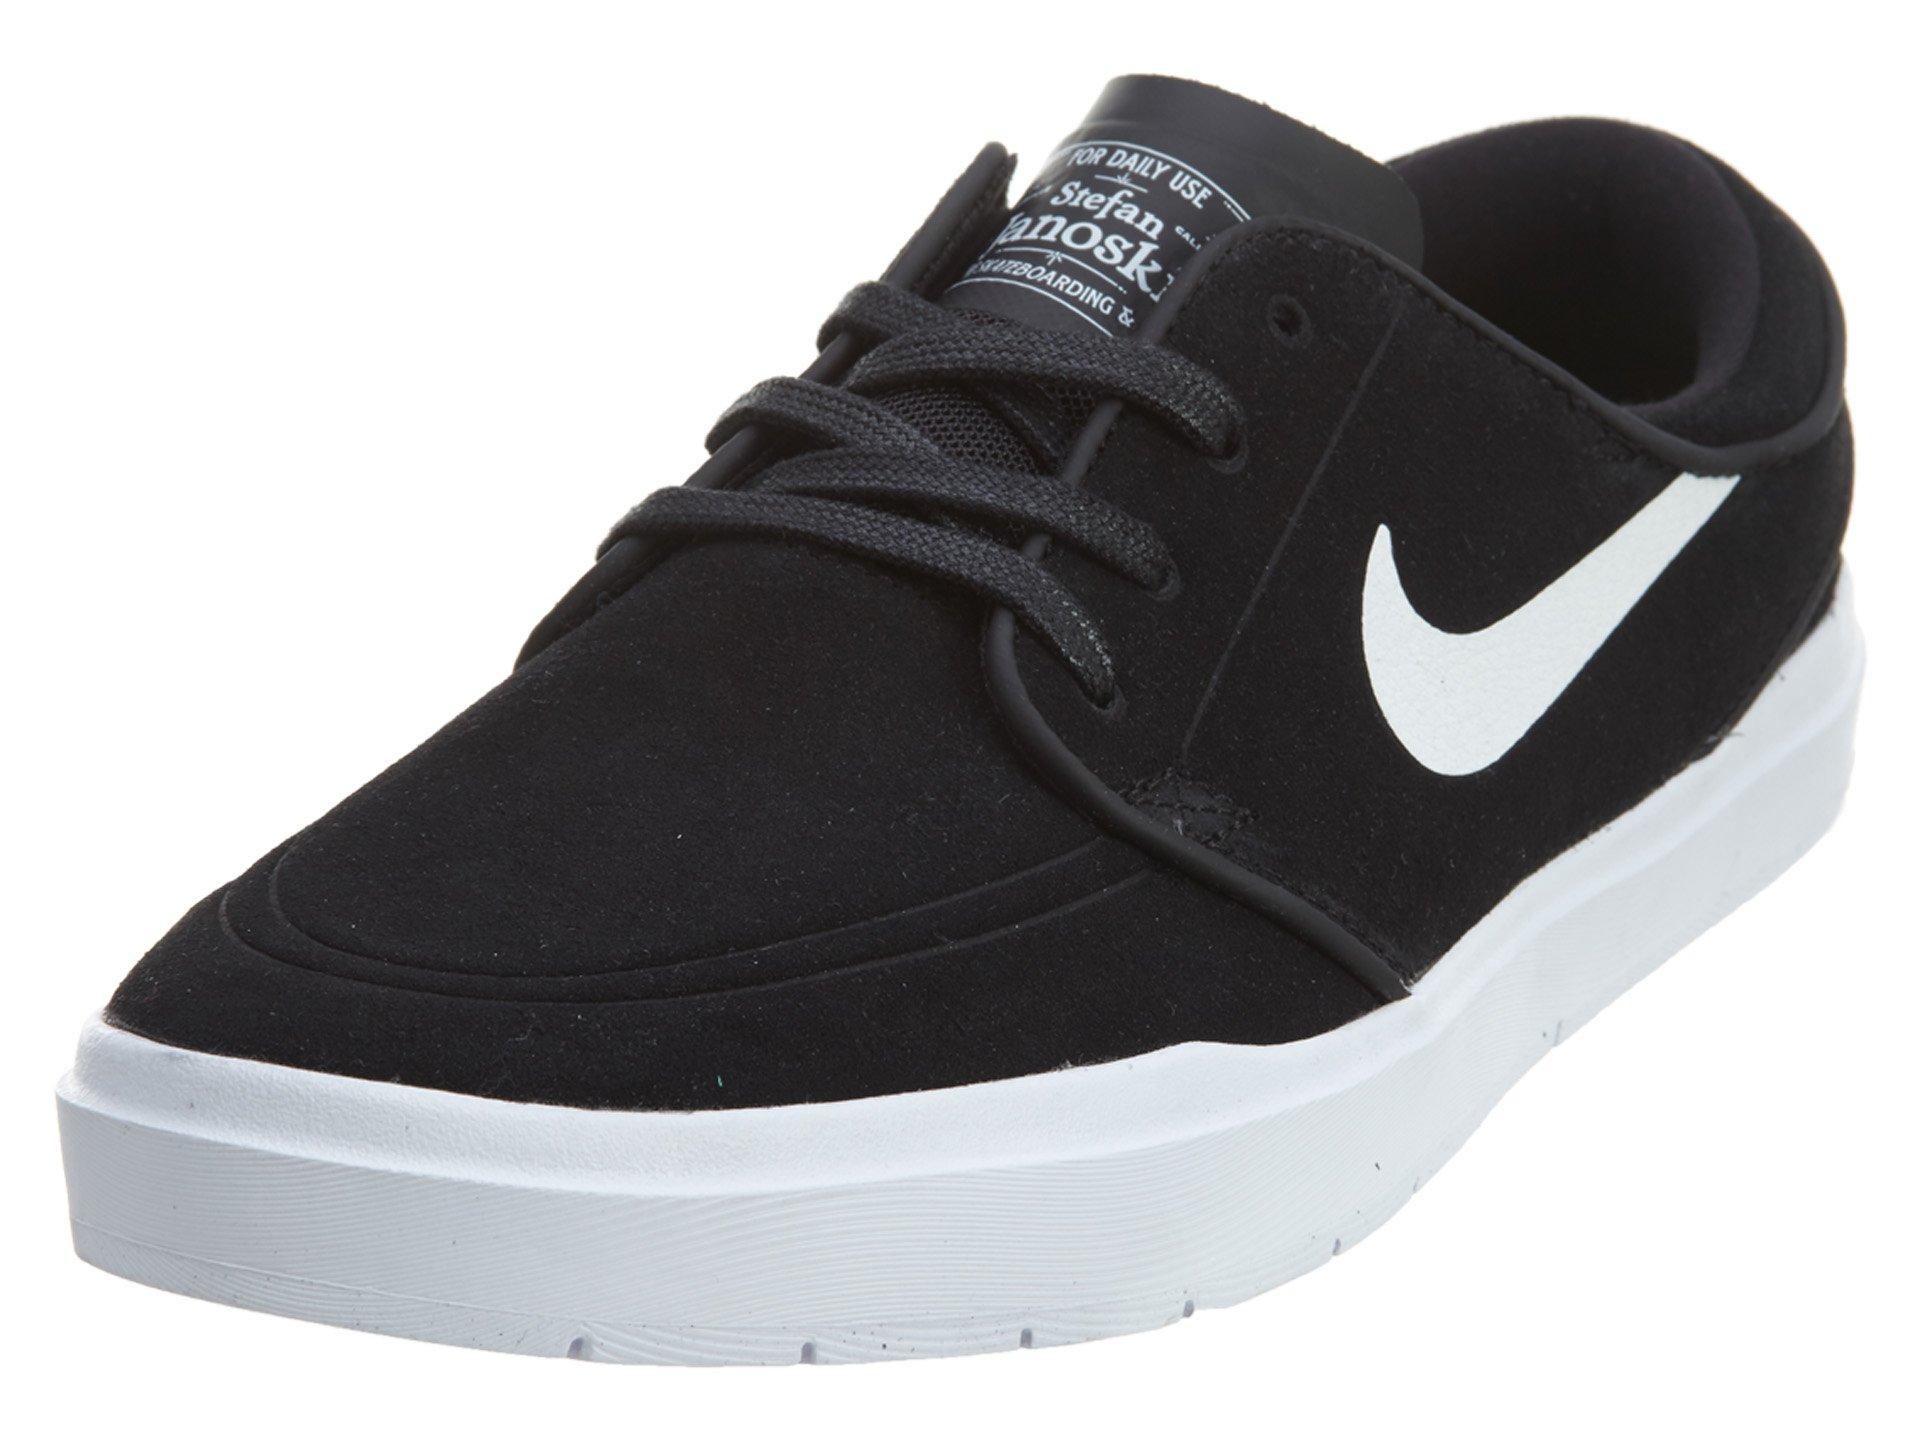 watch cd837 07ed9 ... ZOOM STEFAN JANOSKI MAX MID SZ 8 BLACK NEPTUNE GREEN WHITE 807507 003.   49.79. Men s Nike SB Hyperfeel Stefan Janoski Skateboarding Shoe Size 6  Black